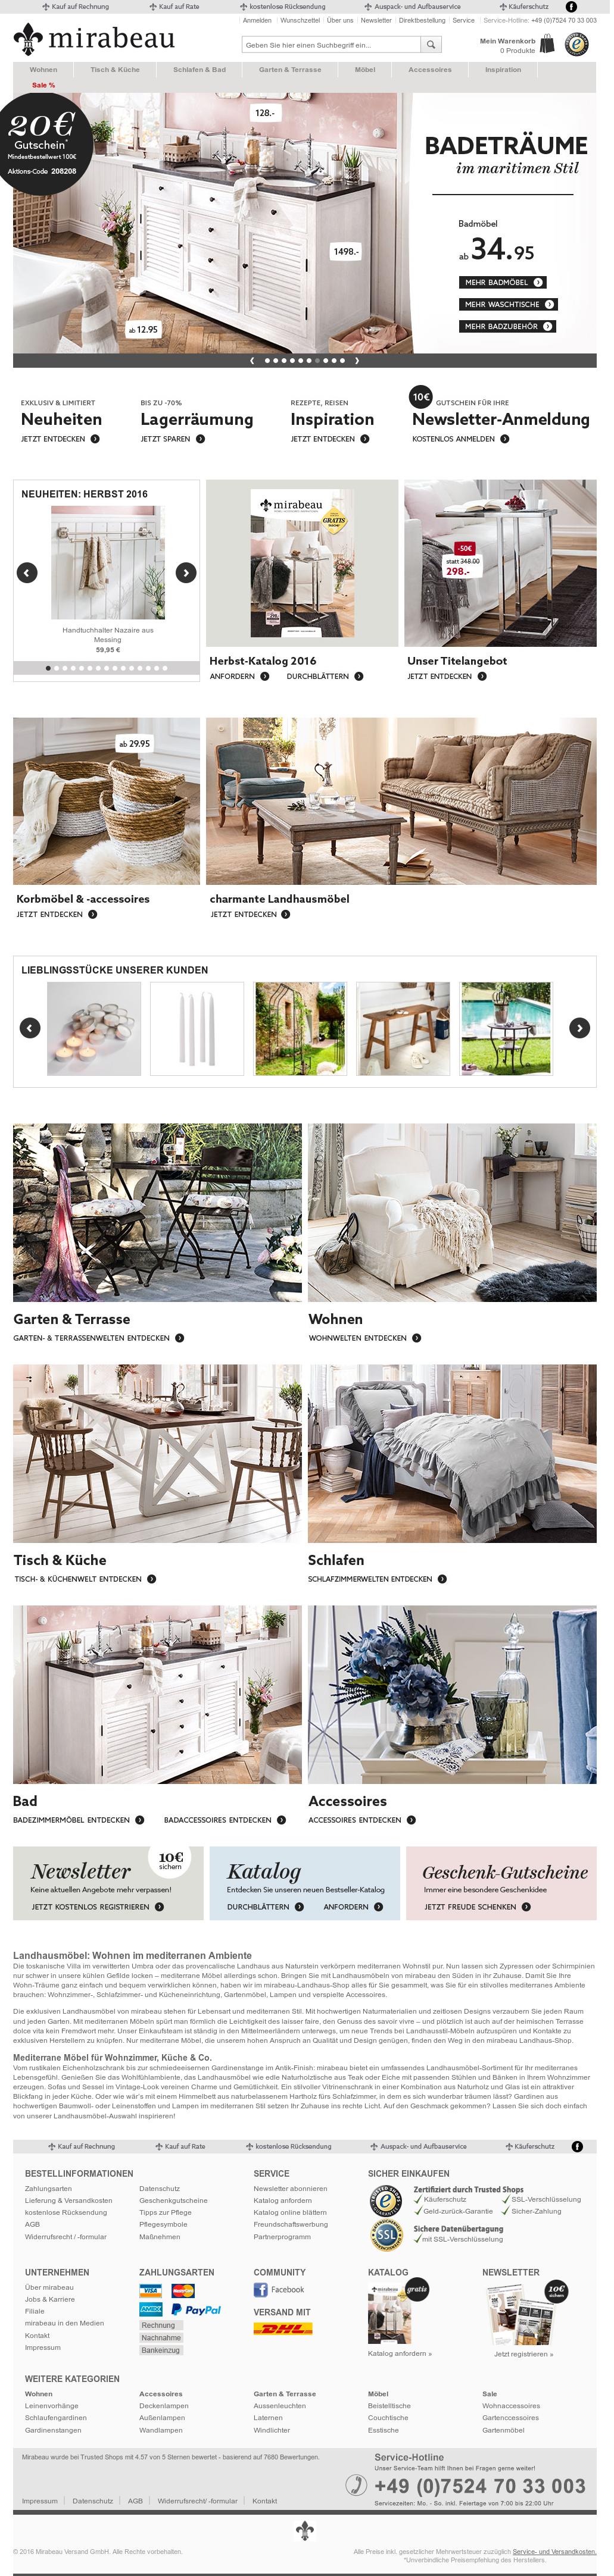 mirabeau garten garten online shop garten ideas holzbank garten beautiful rattanmobel lounge d. Black Bedroom Furniture Sets. Home Design Ideas